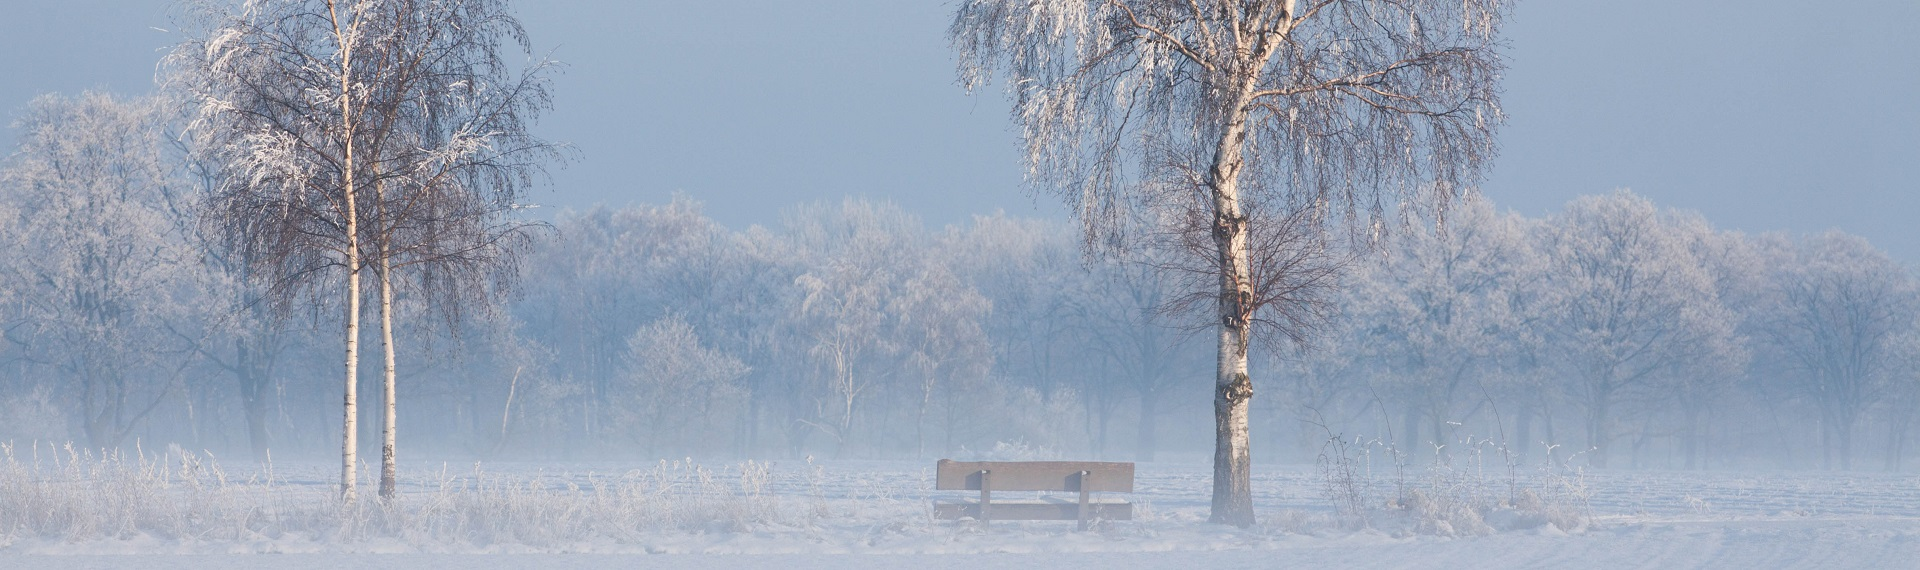 Winter mit Bank Schnee